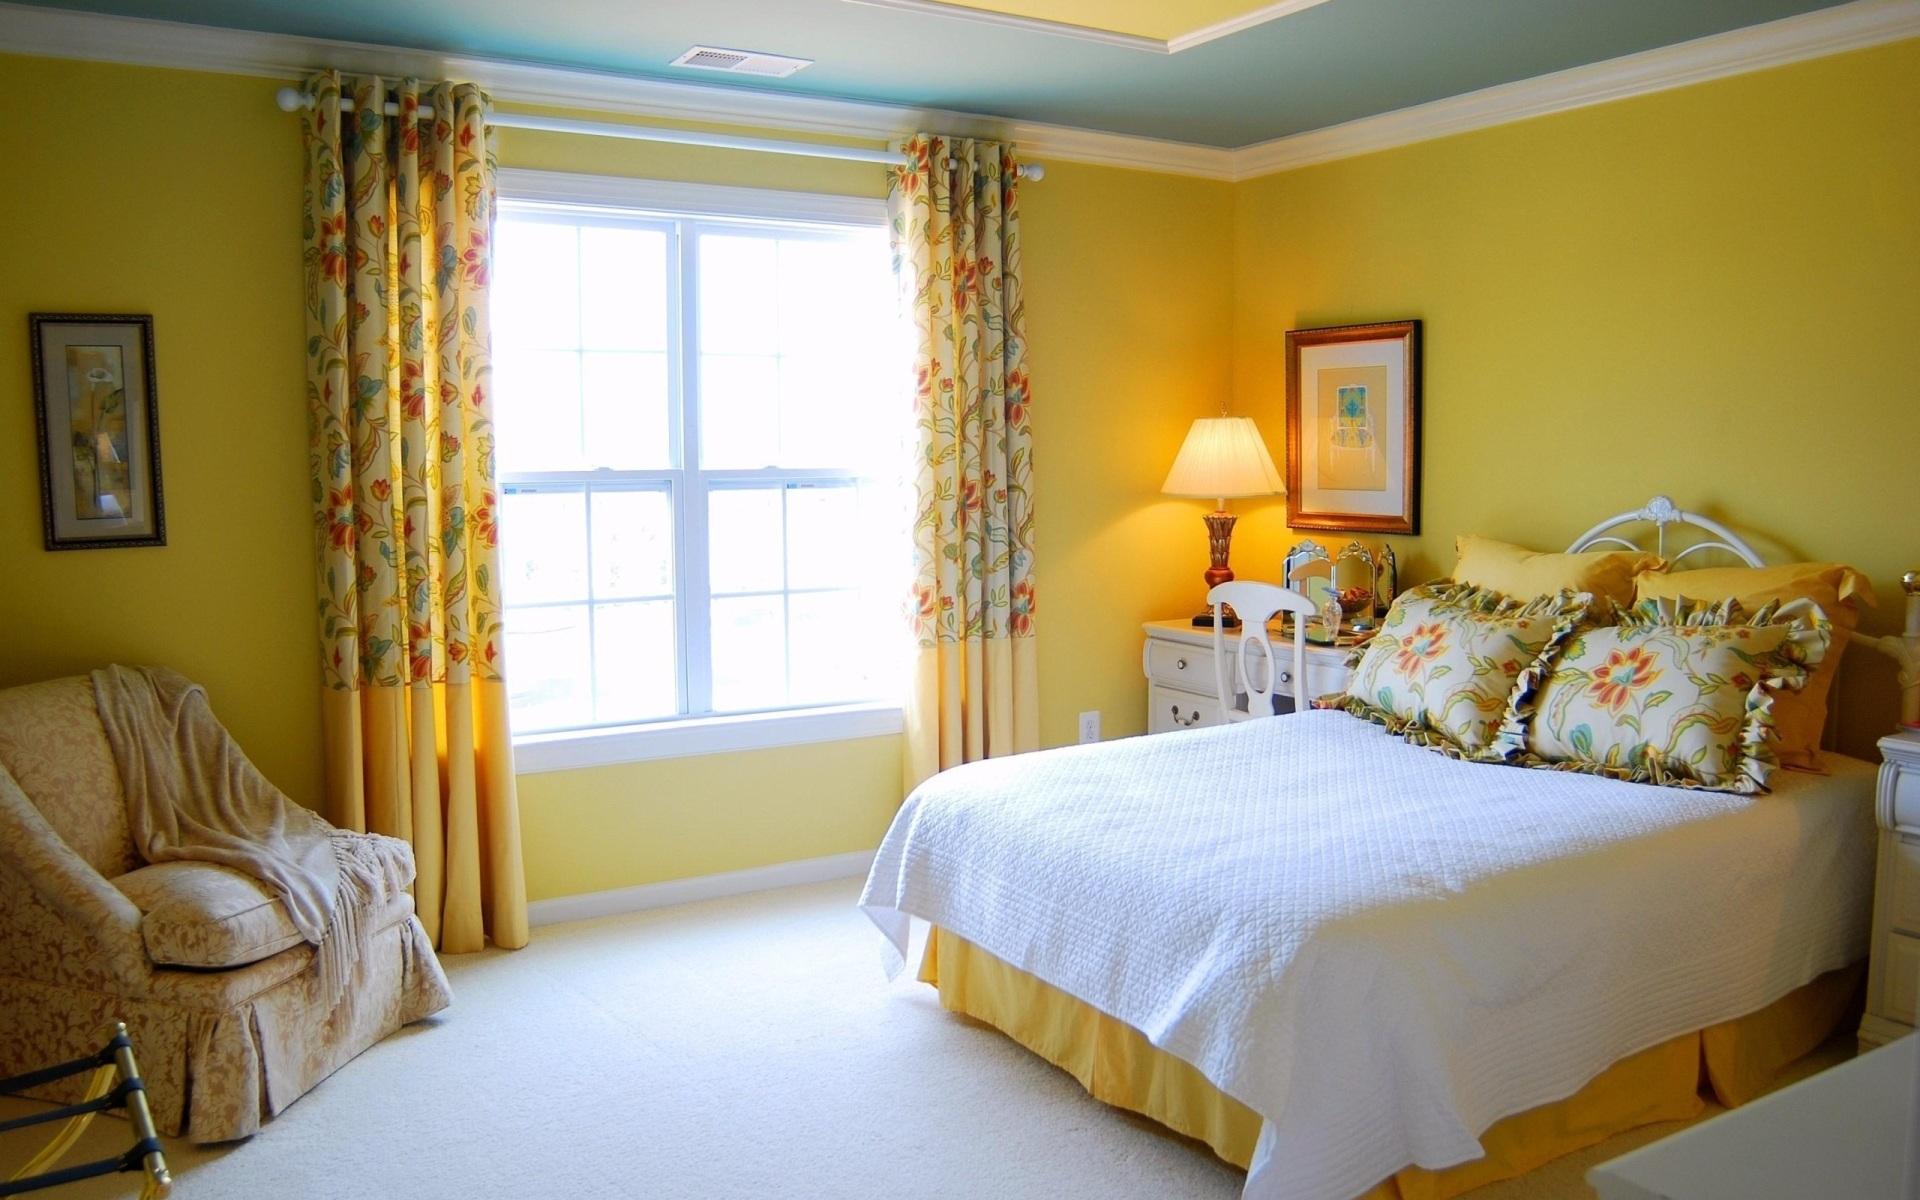 Бирюзово-желтая спальня